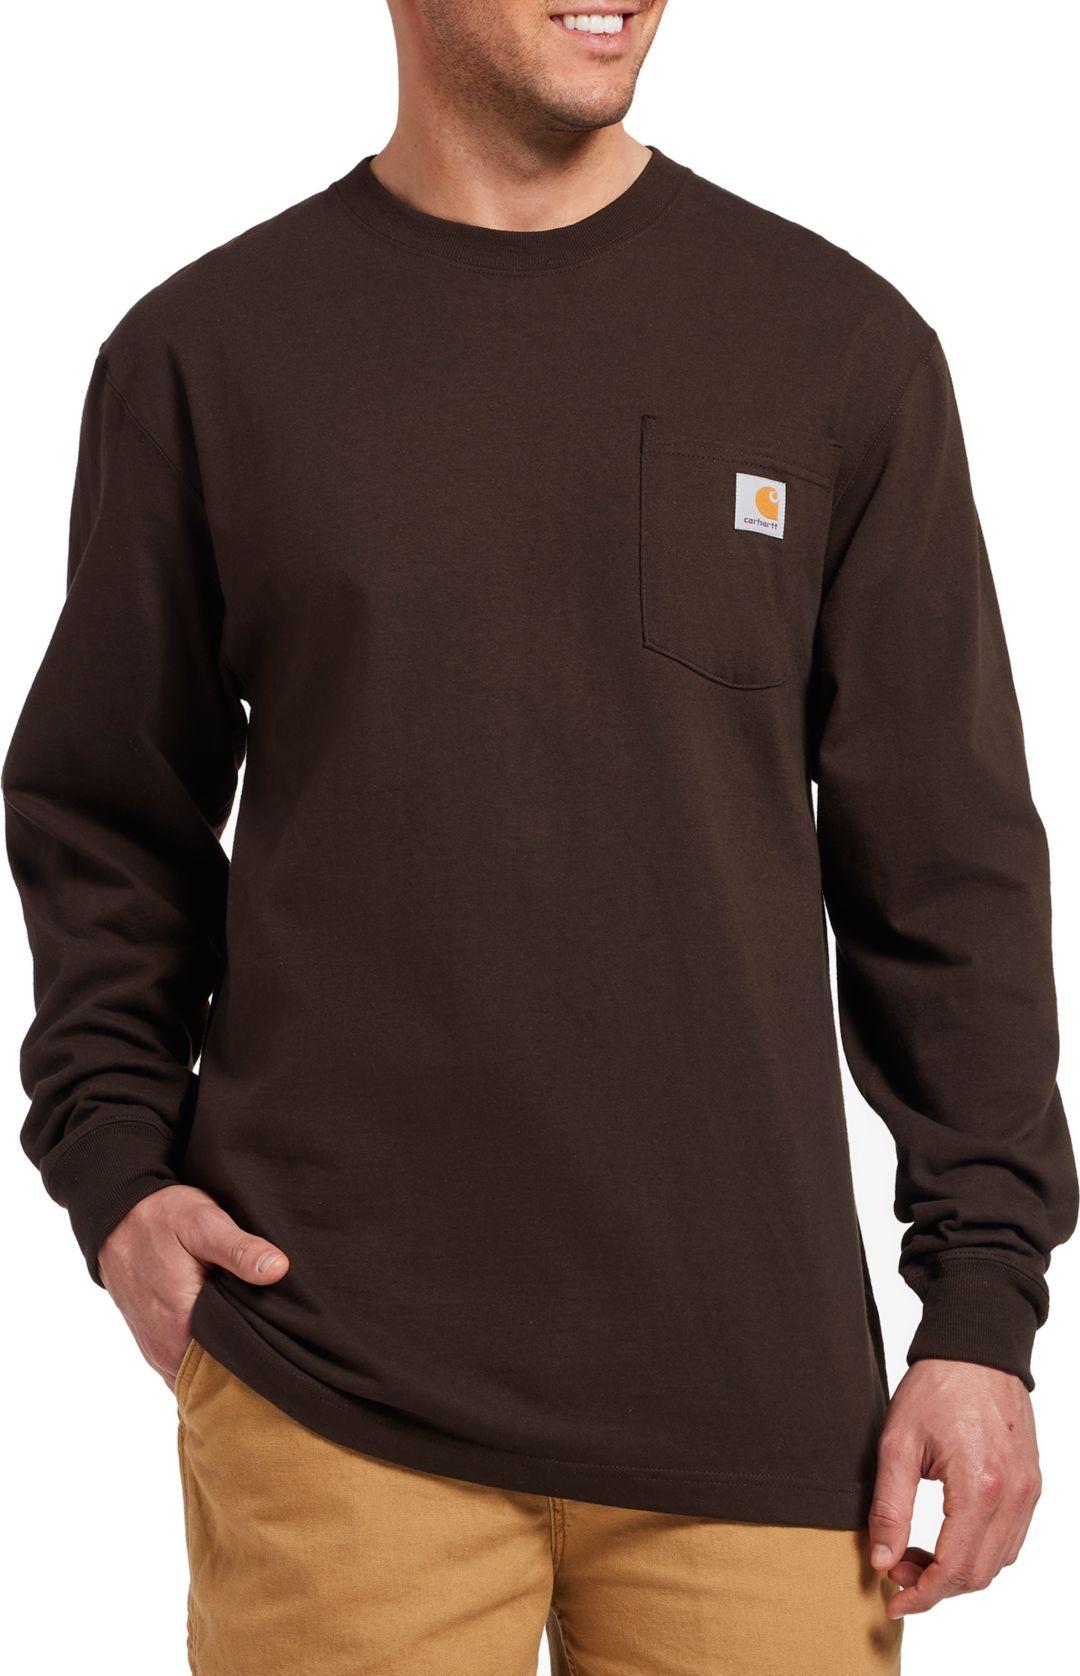 937dc201b Carhartt Men's Workwear Long Sleeve Shirt. noImageFound. Previous. 1. 2. 3